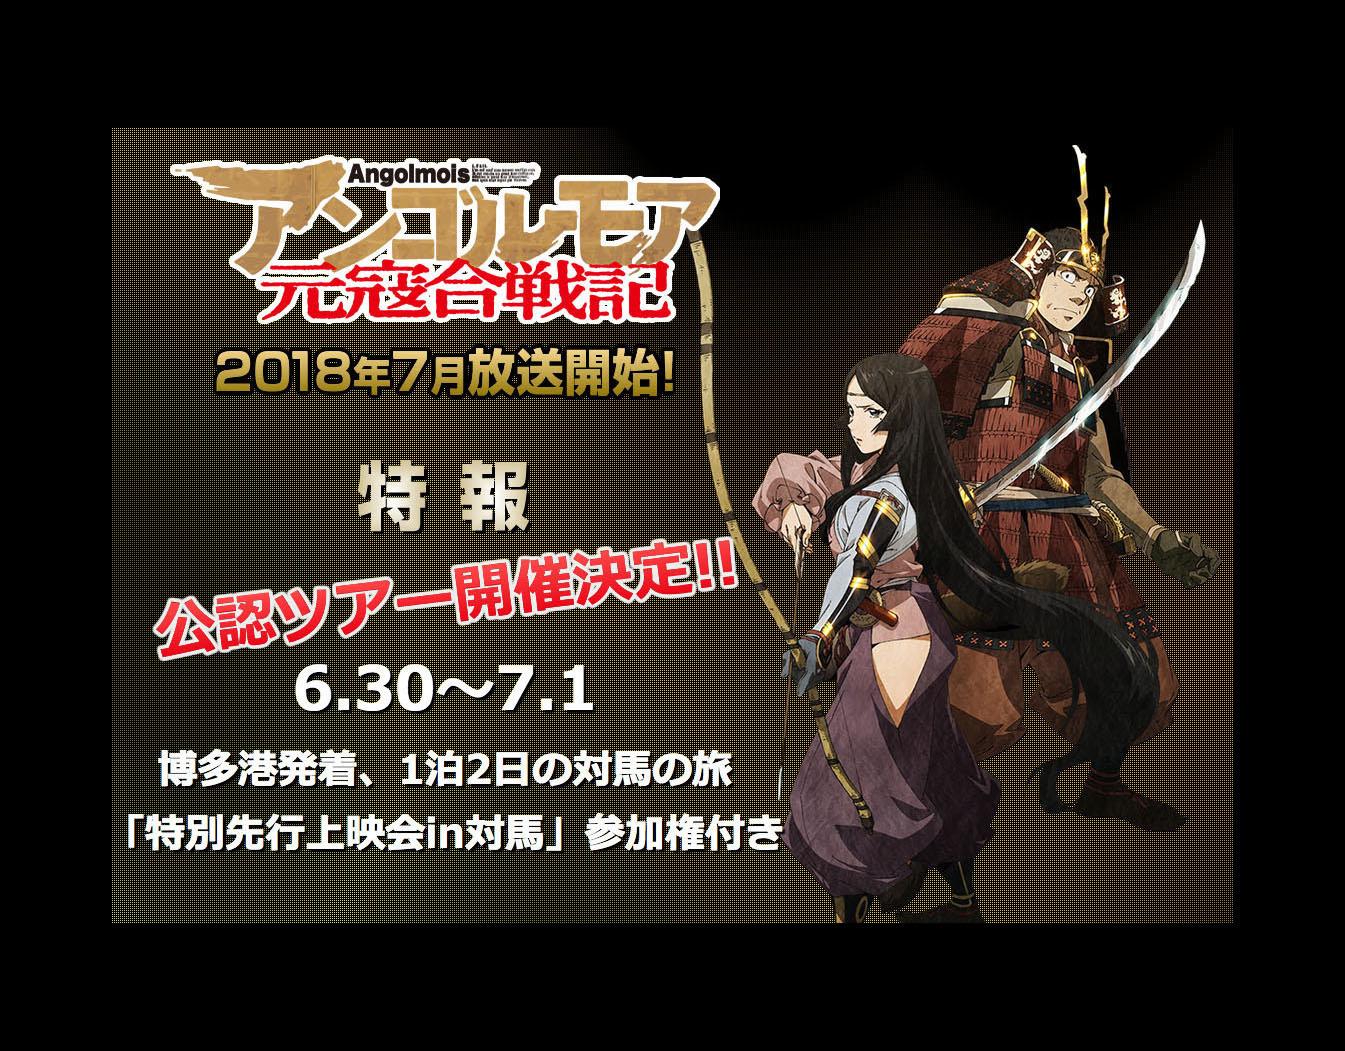 「アンゴルモア元寇合戦記」の公認ツアーが開催決定!